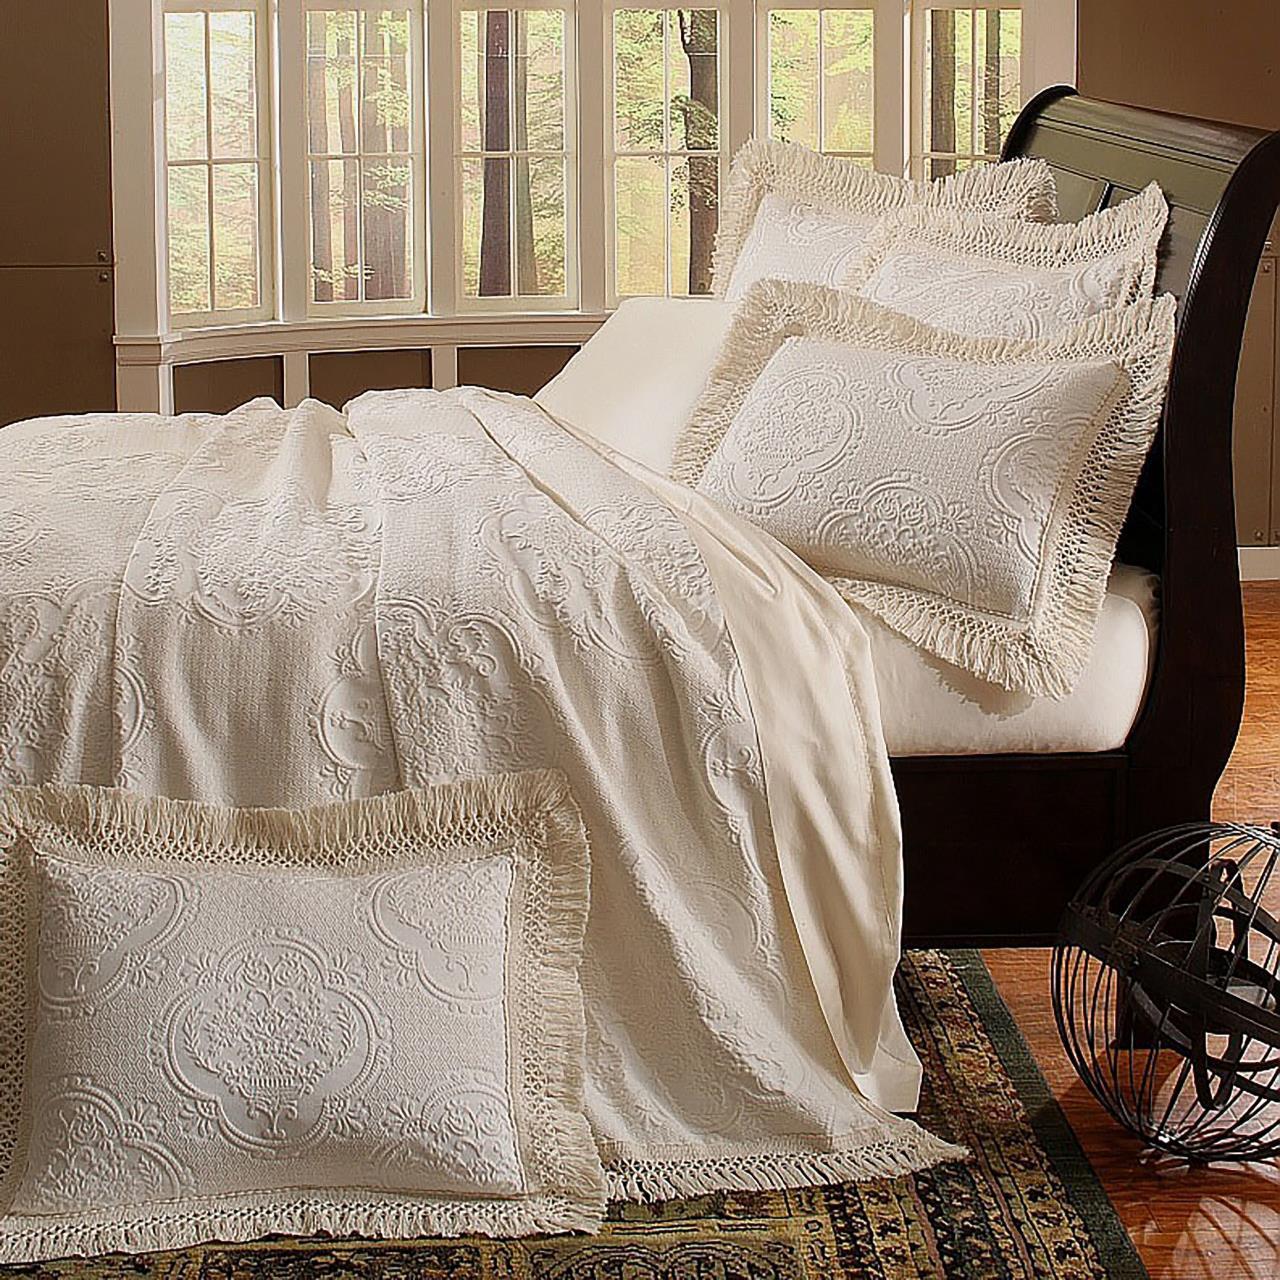 Antique Hyde Park Bedspread - 740504349105